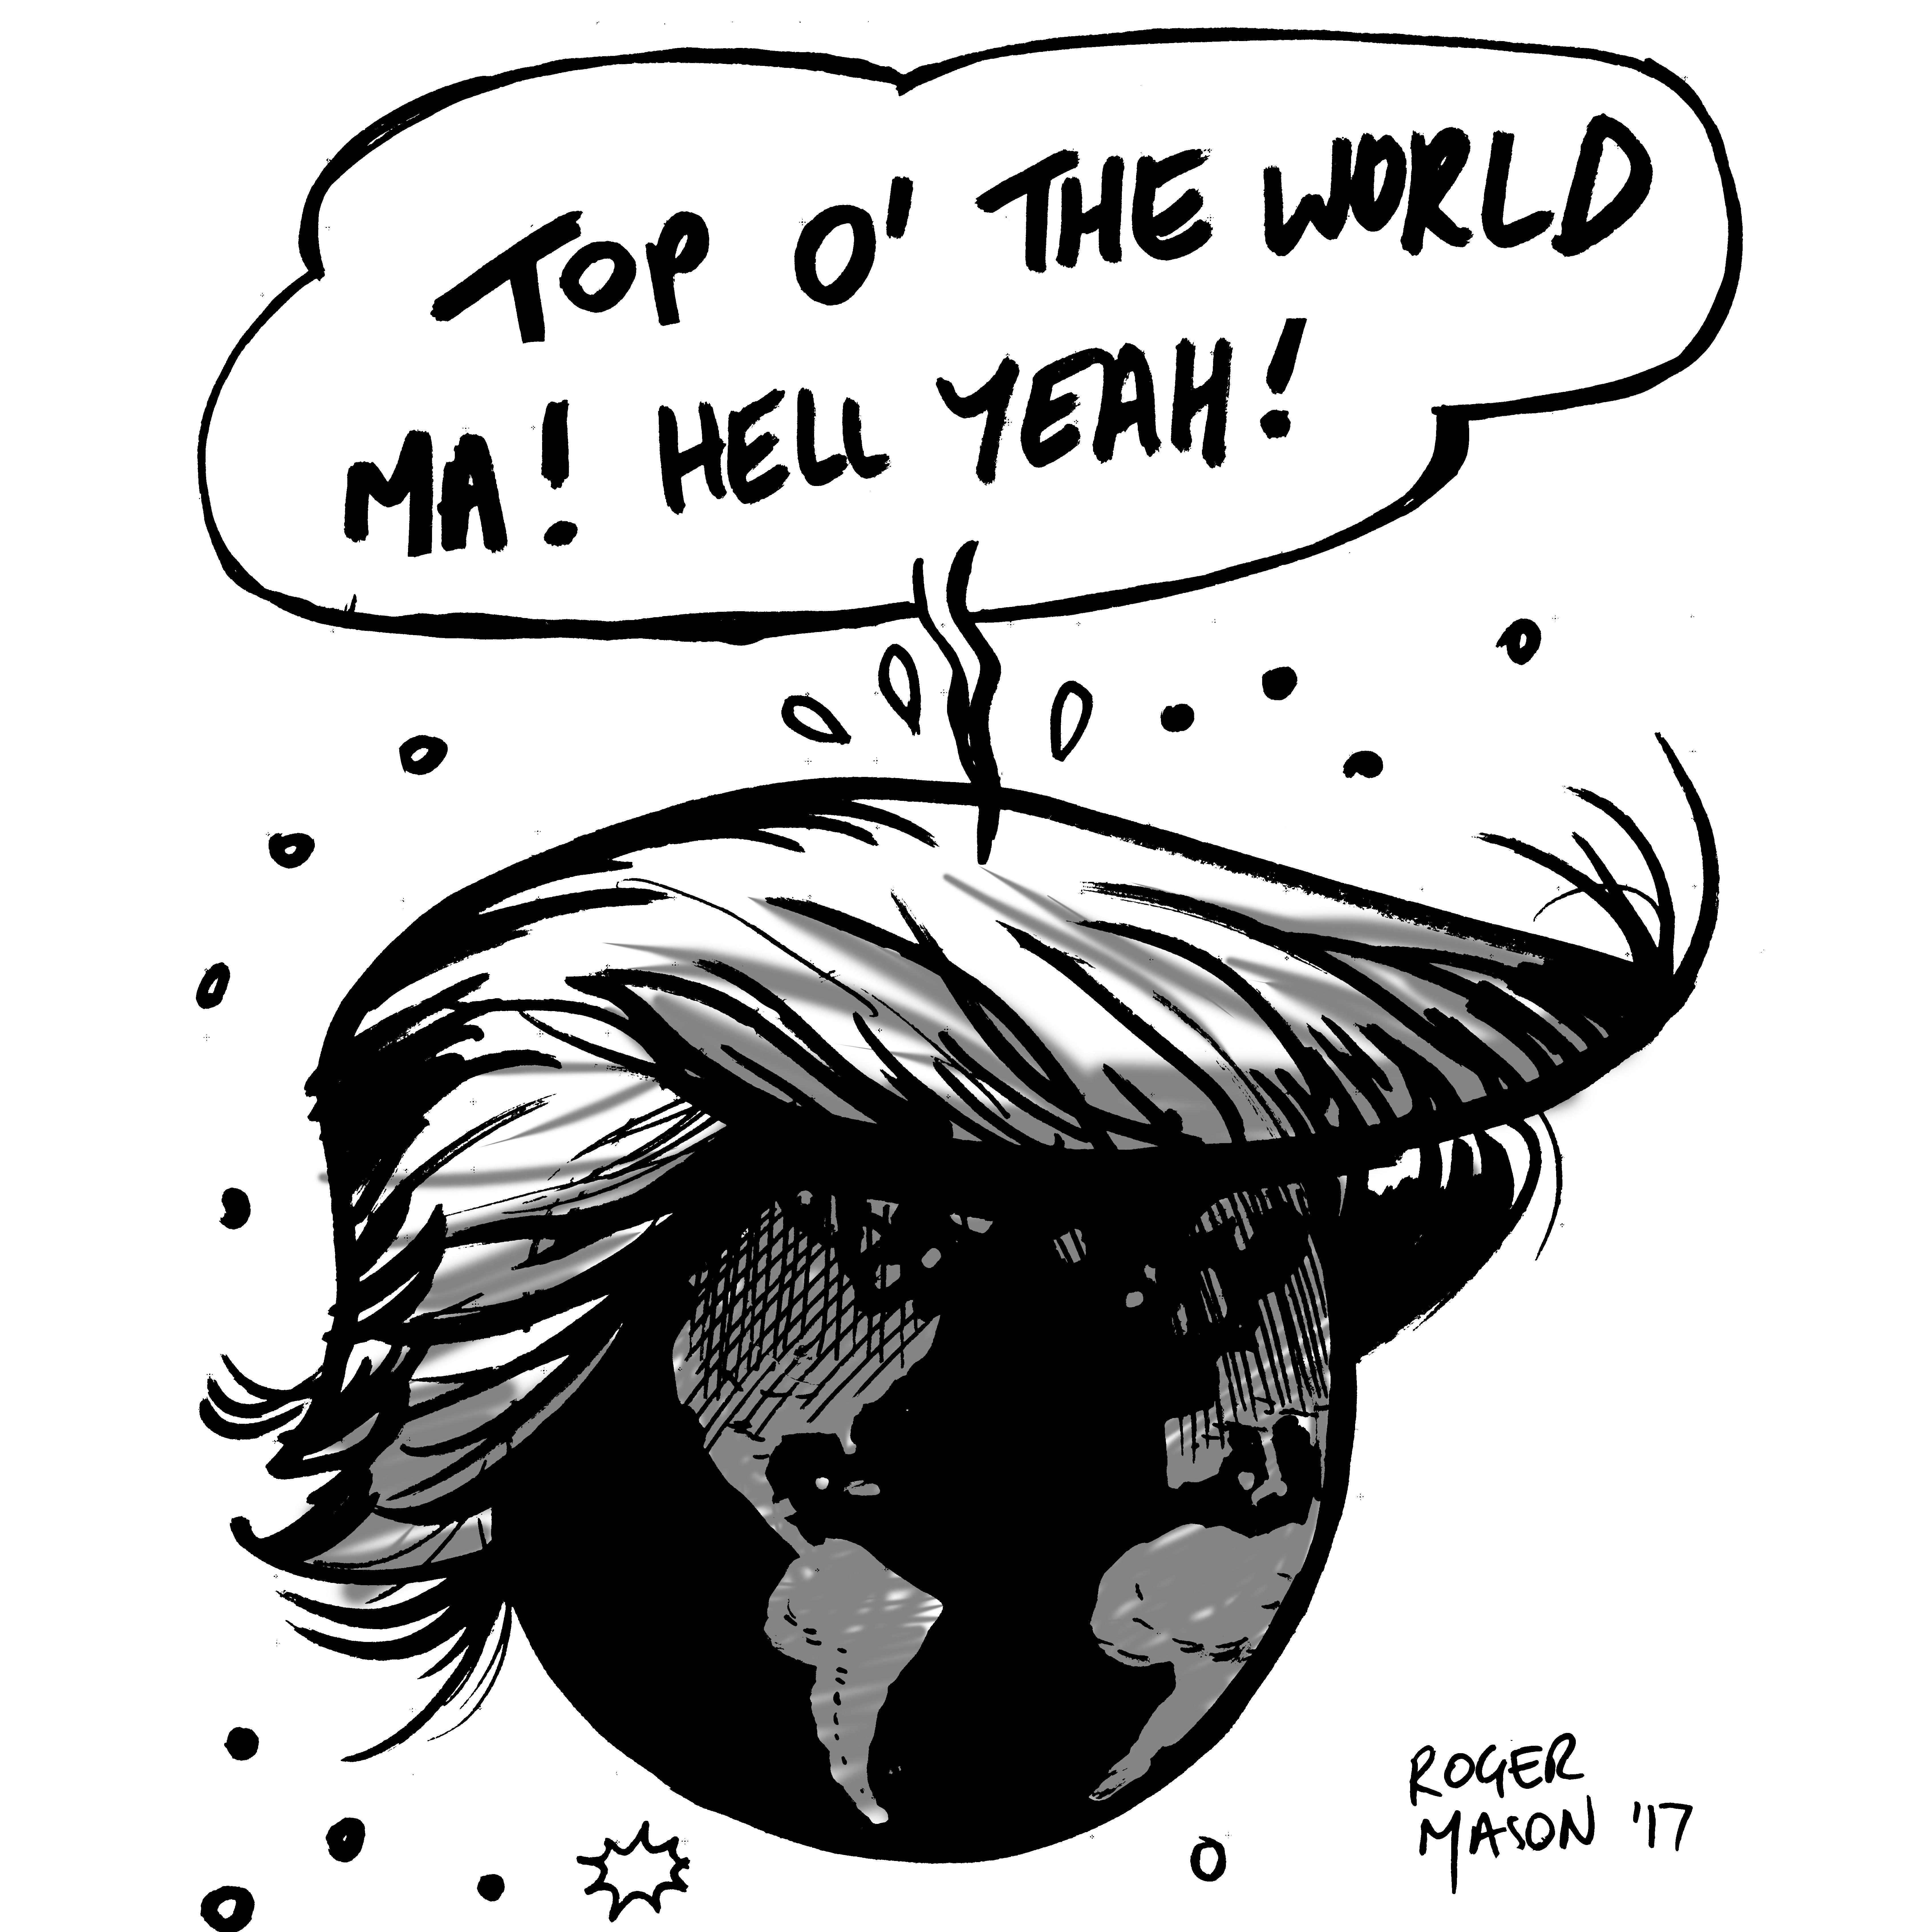 Donald Trump Inauguration cartoon. January 2017. By Roger Mason